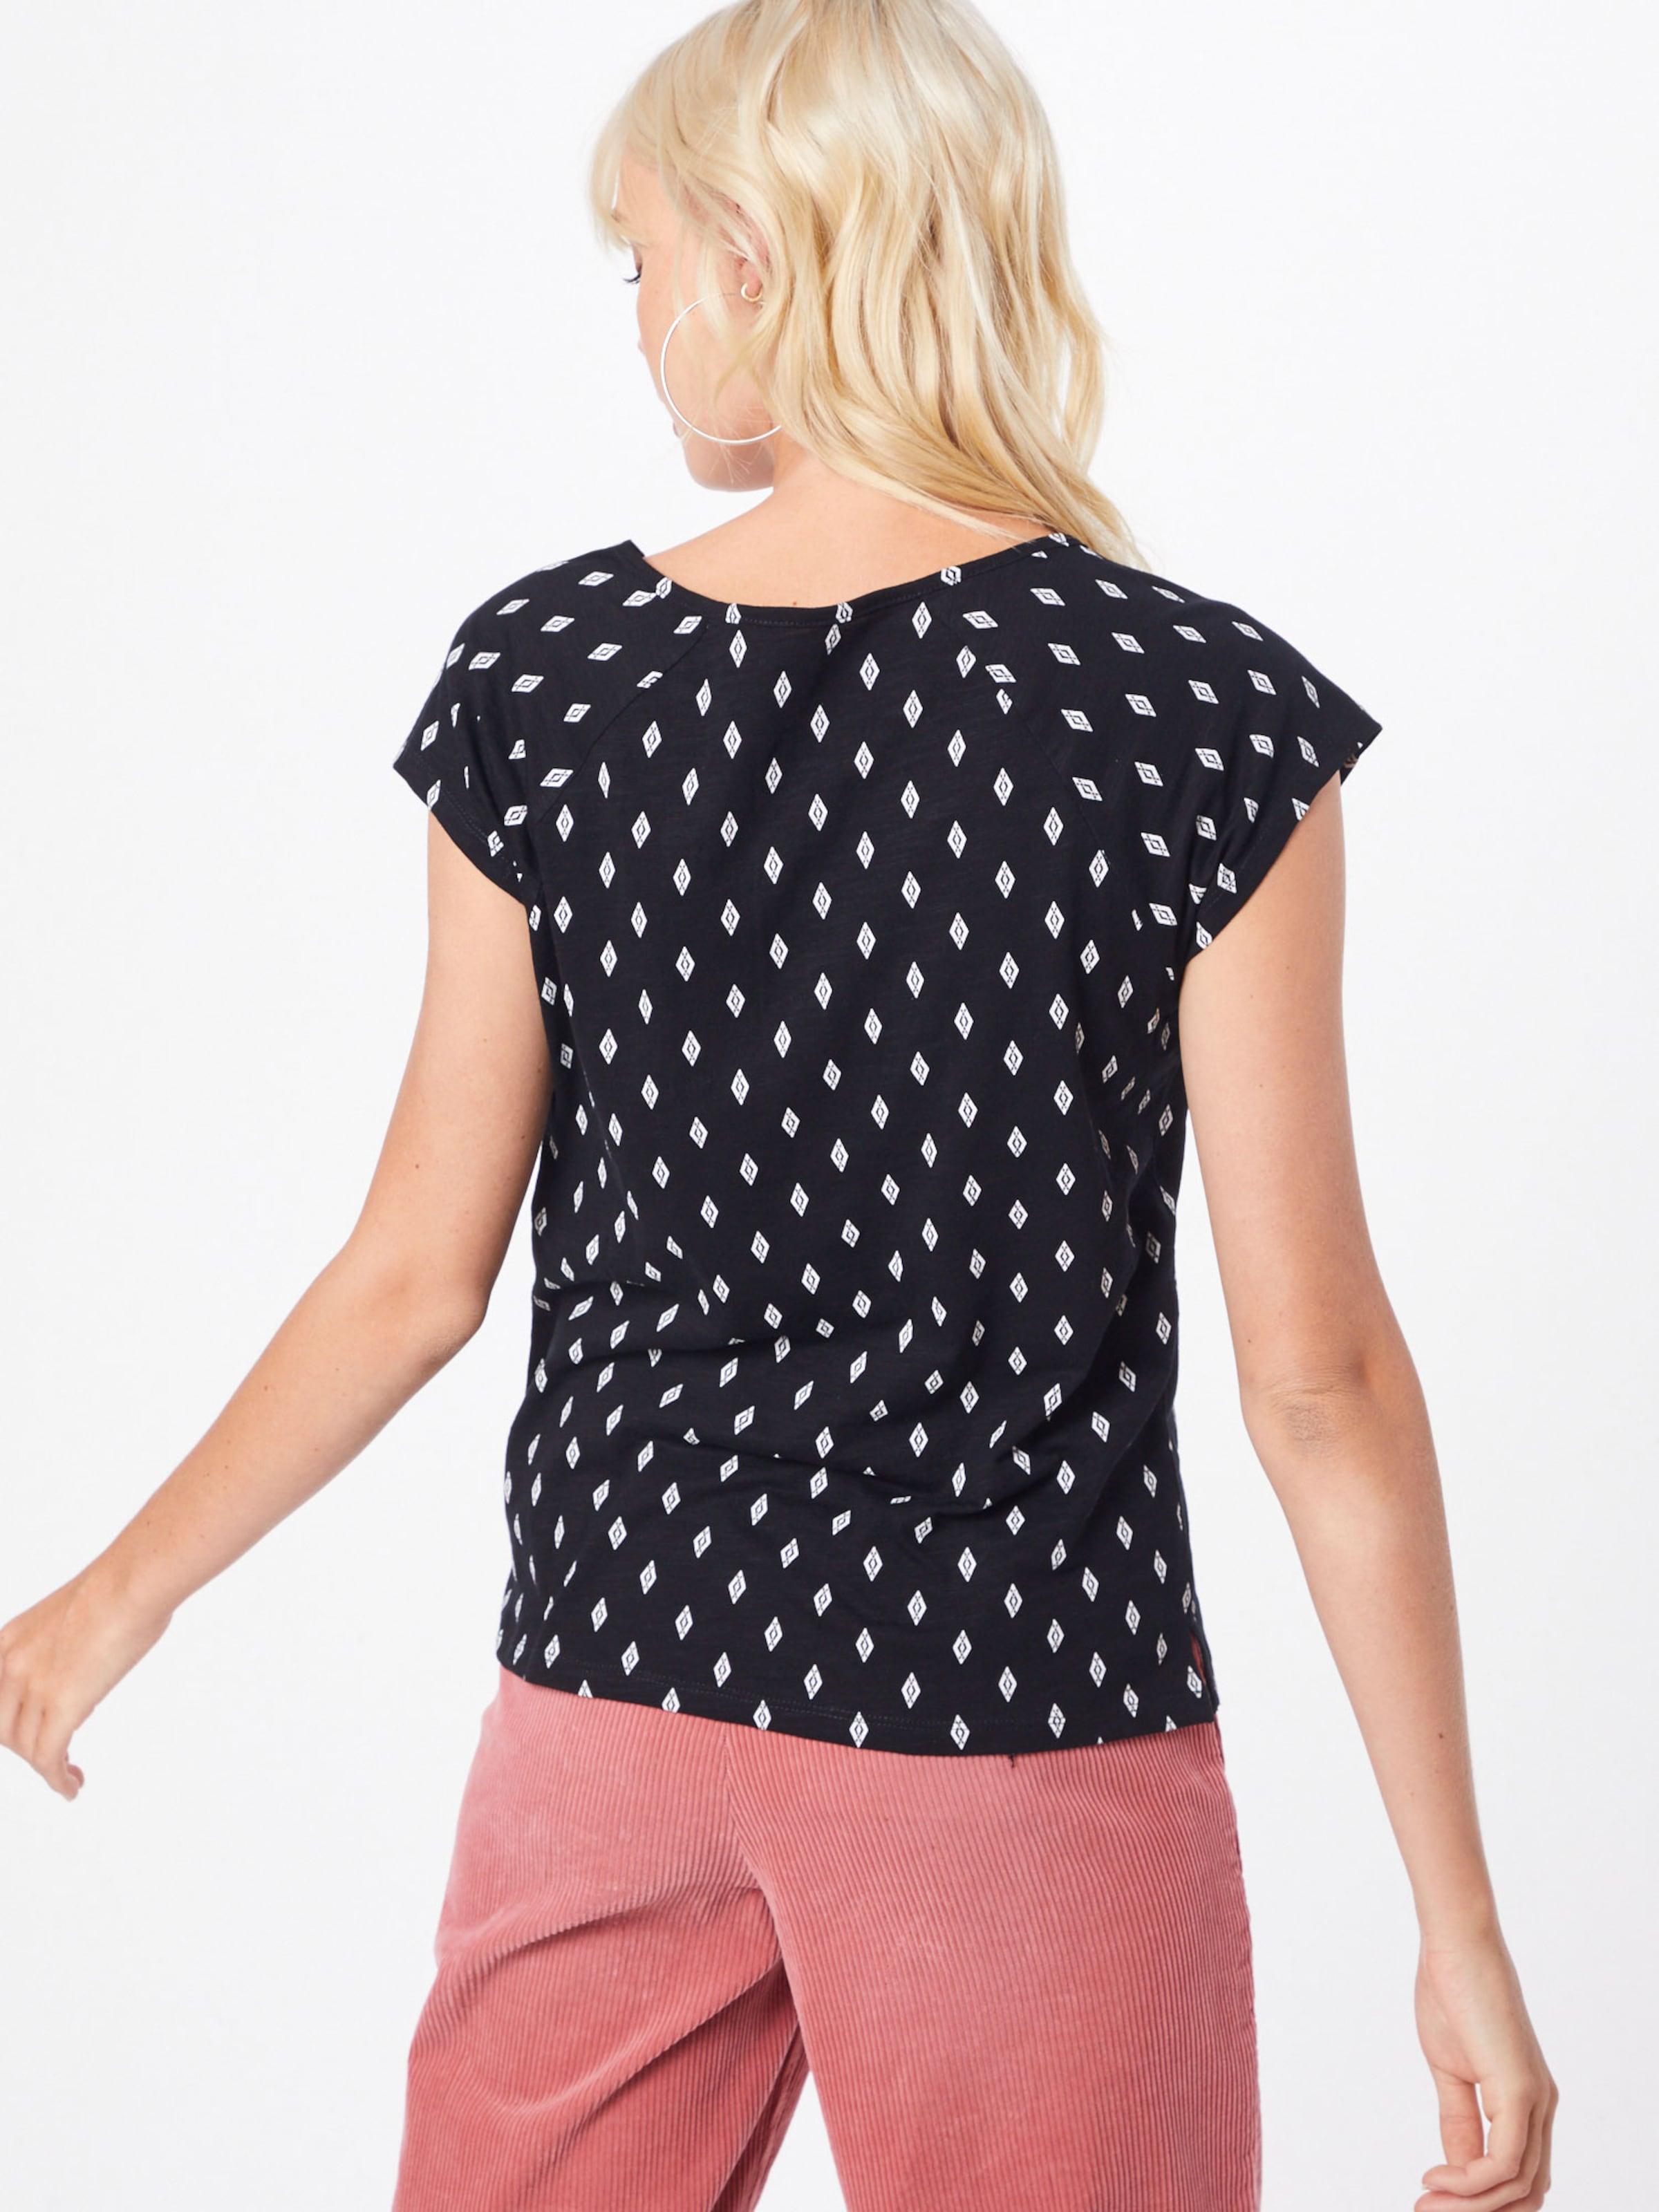 En T shirt NoirBlanc Tailor Tom GUqzVLSMp